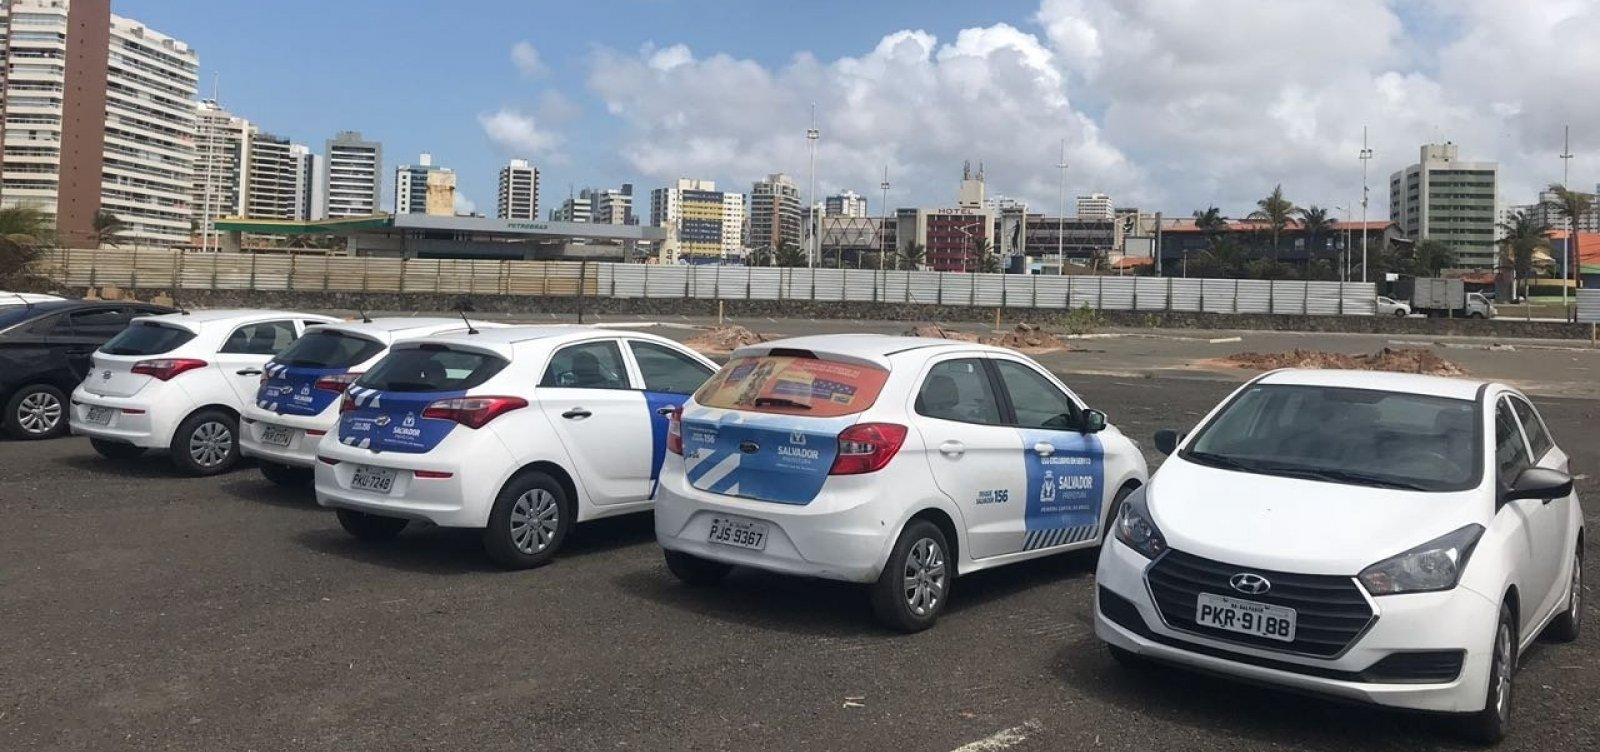 [Justiça dá 15 dias para prefeitura explicar carros oficiais em campanha de Zé Ronaldo]